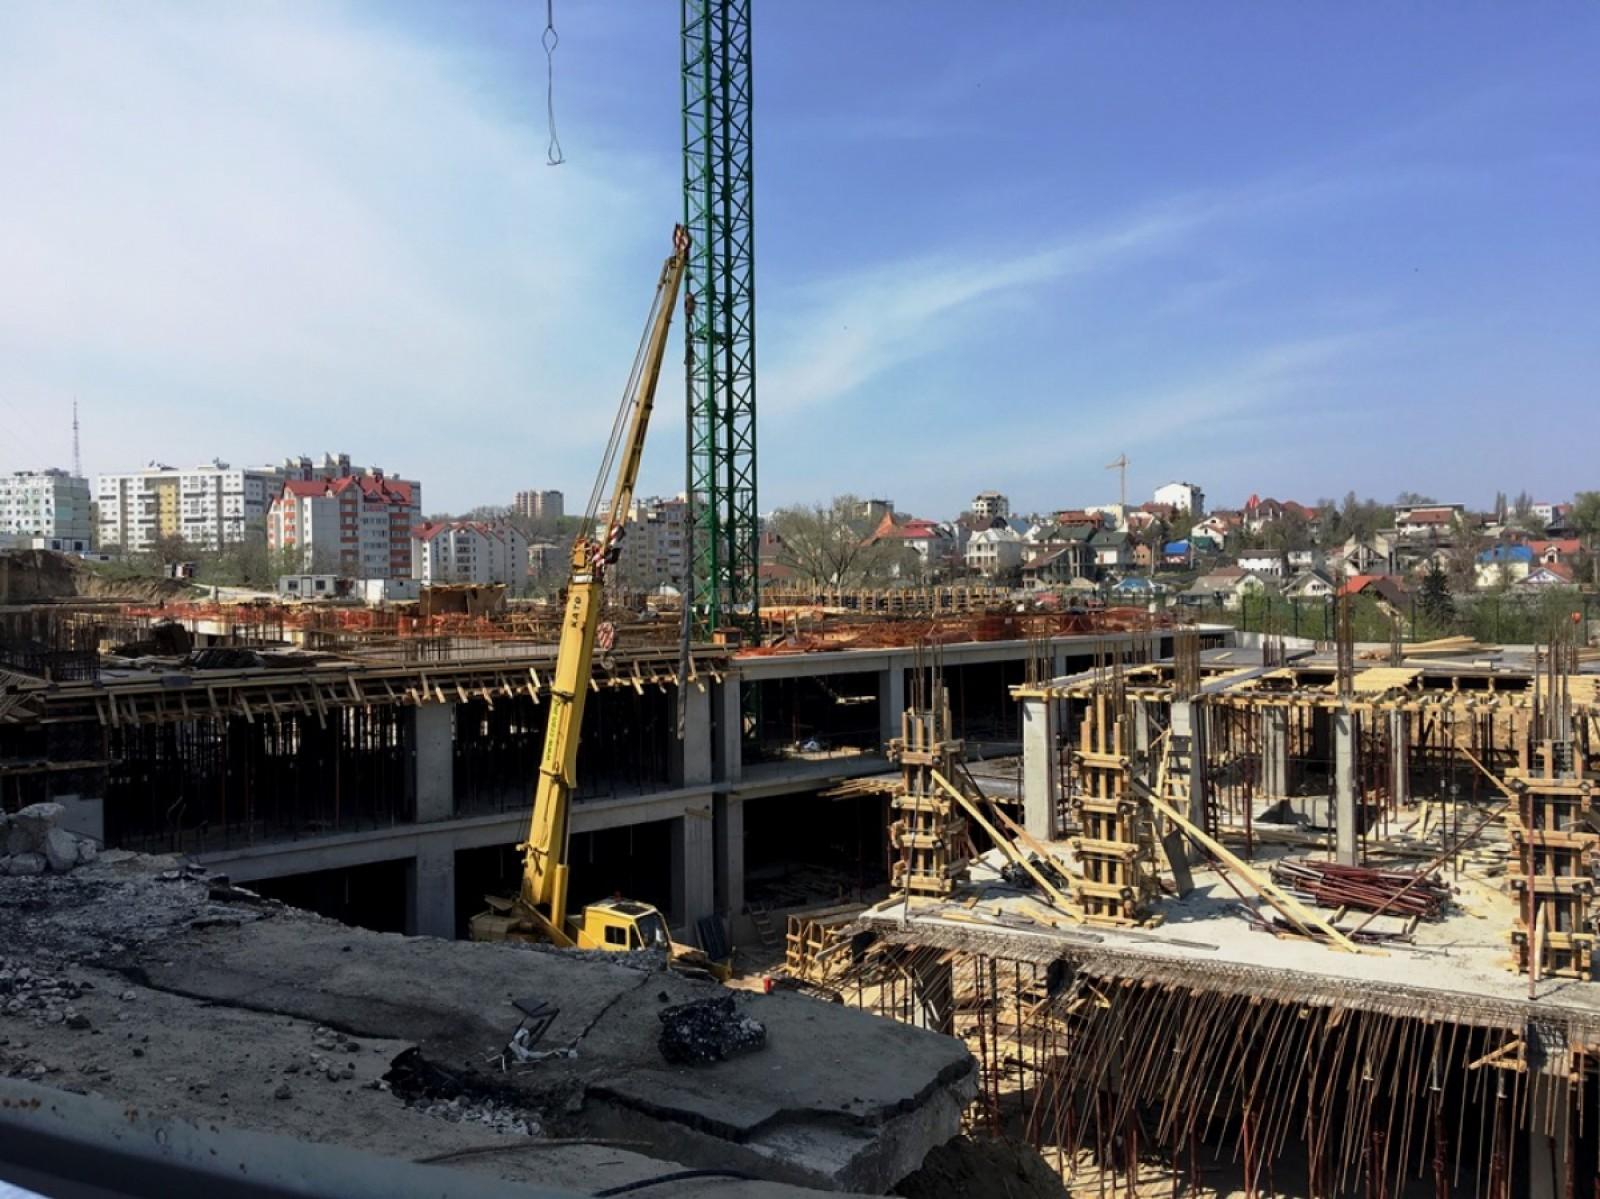 Mold-street: A scăzut numărul autorizaţiilor de construire pentru clădiri cu încă 15,4%